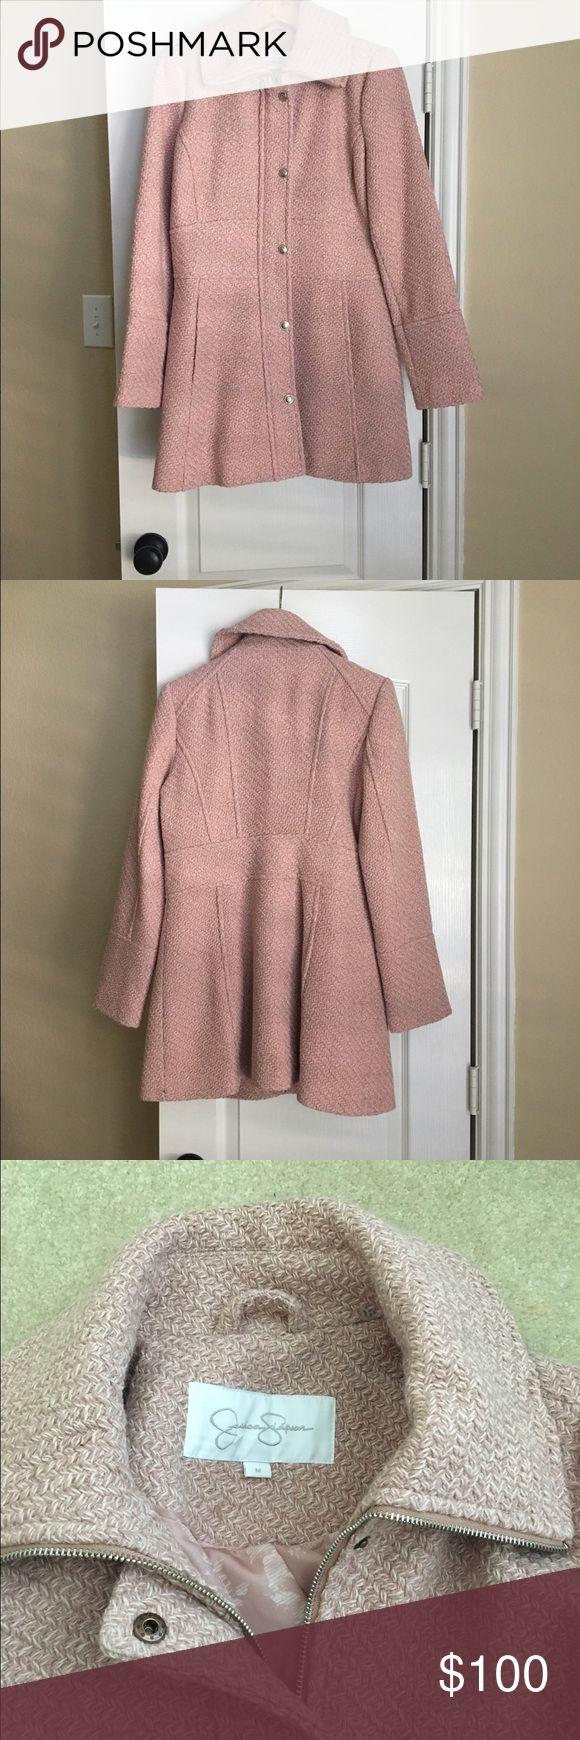 Jessica Simpson pink coat size medium Pink Jessica Simpson coat size medium Jessica Simpson Jackets & Coats